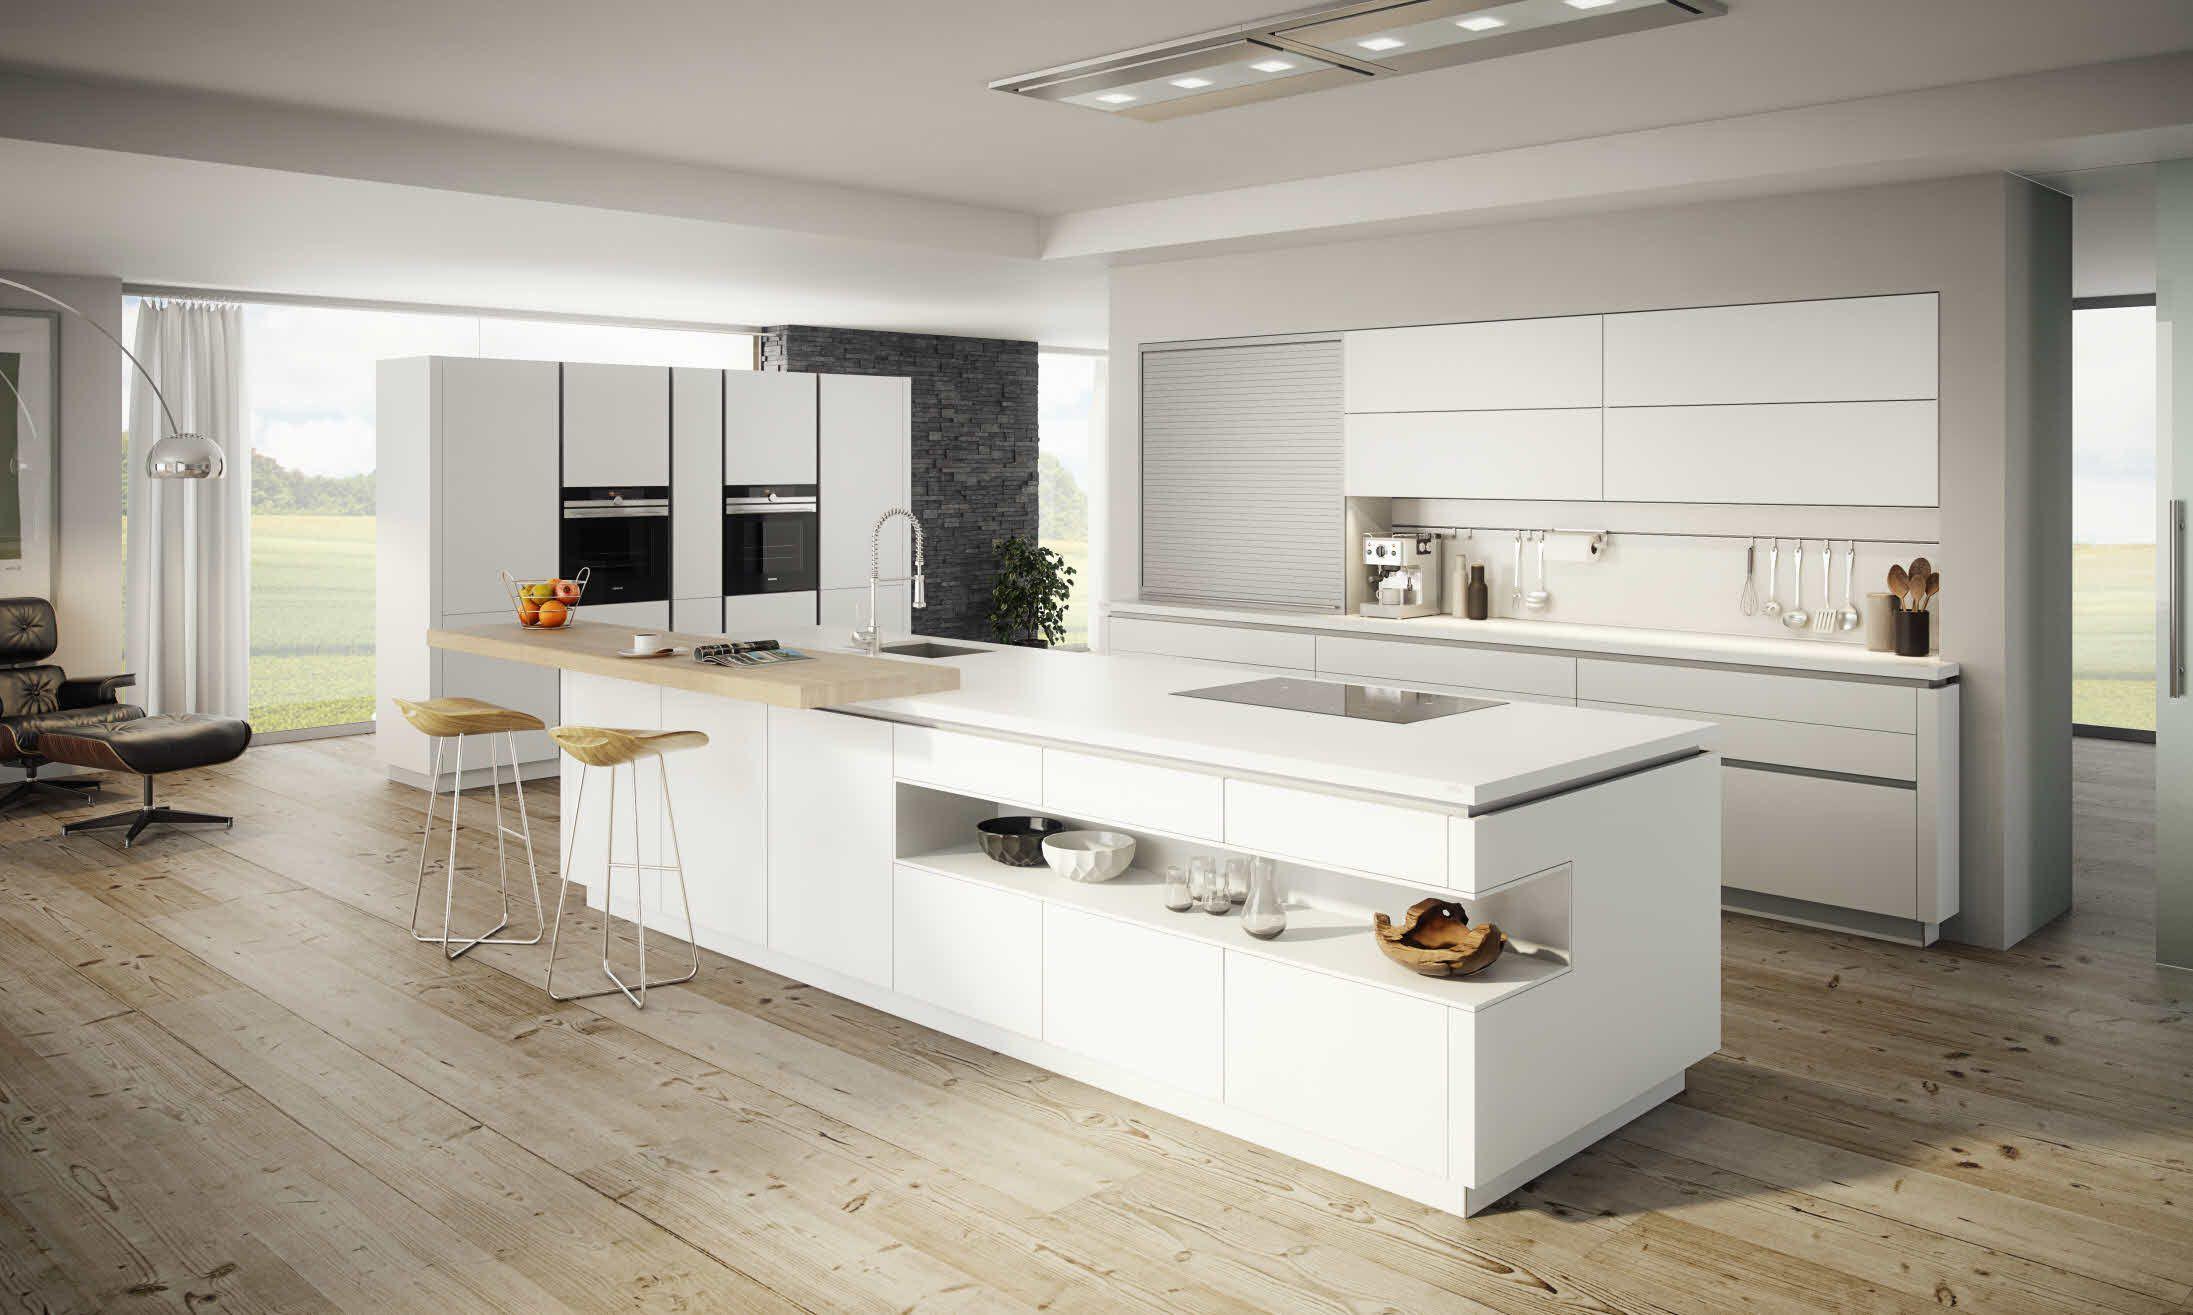 Vida arktis | Küche freistehend, Moderne küche und Küche mit ...